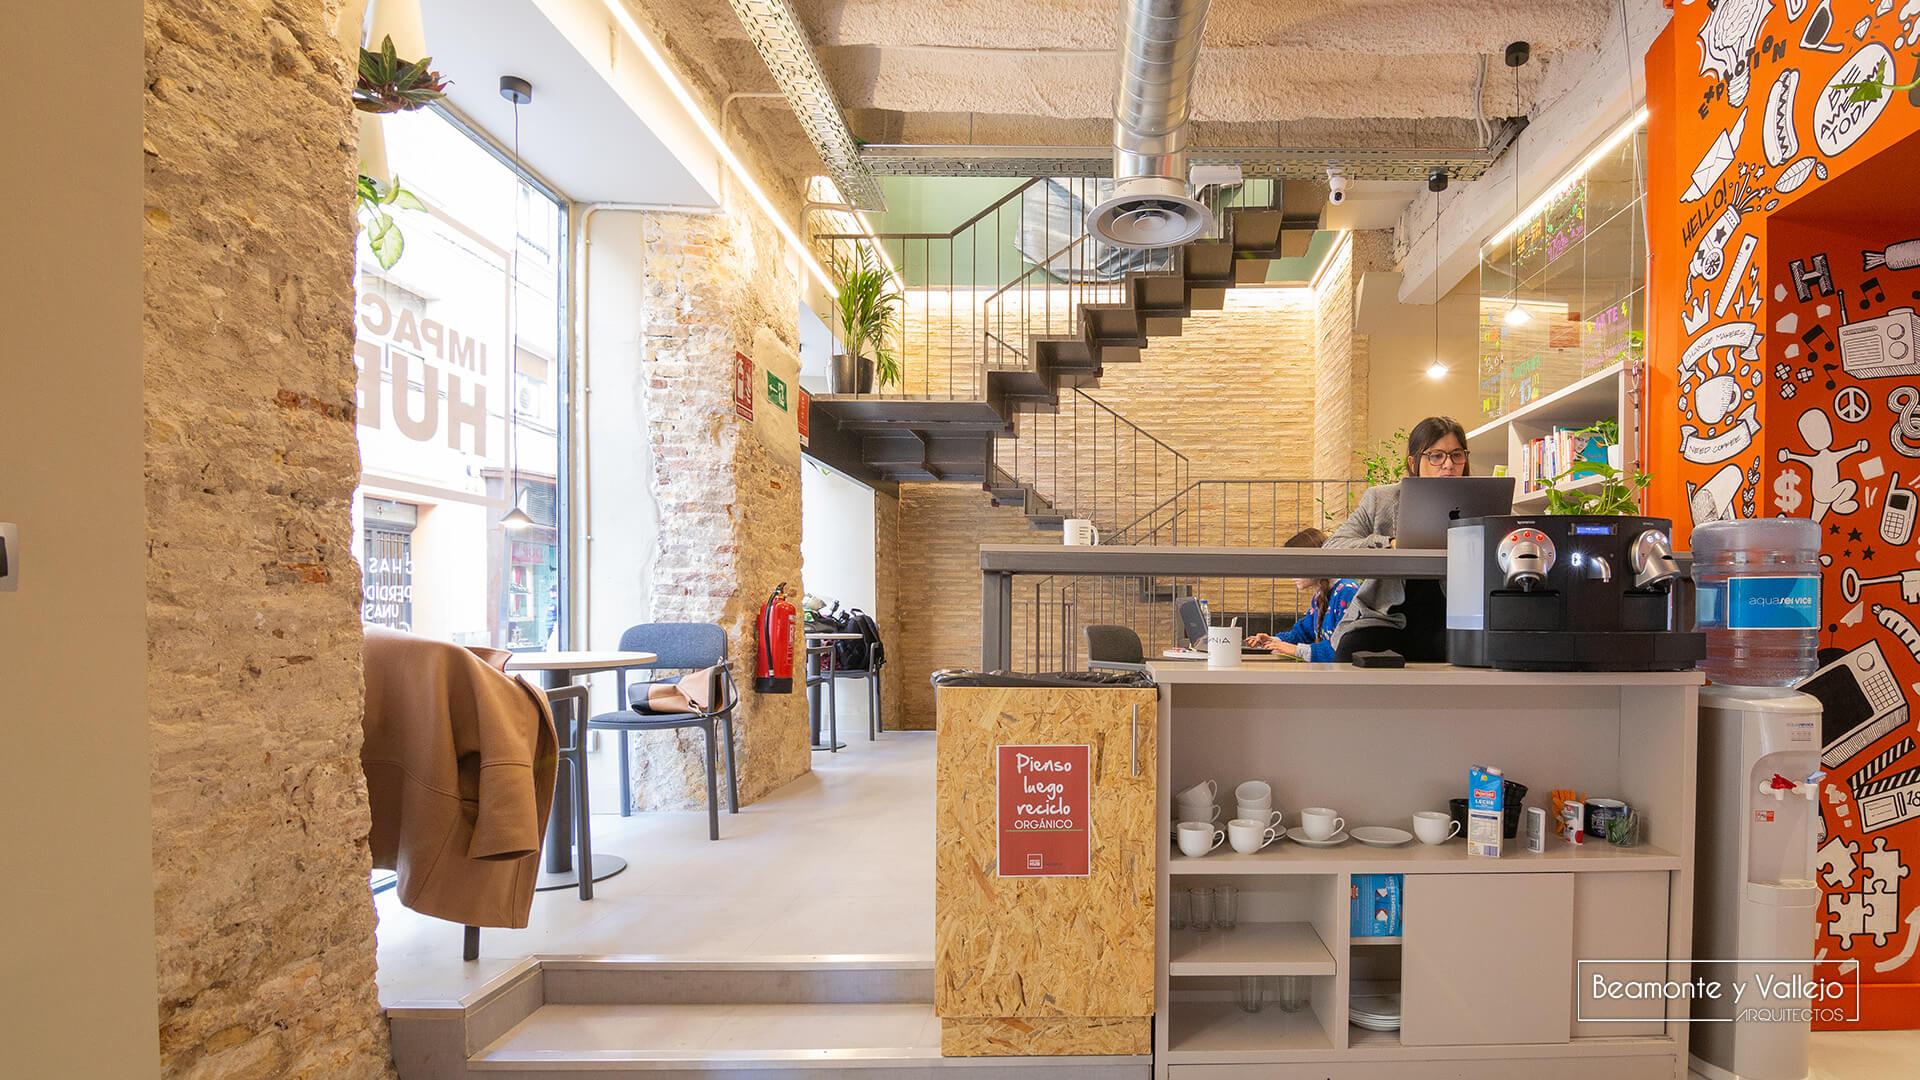 Beamonte y Vallejo arquitectos - HUB ZGZ, 2